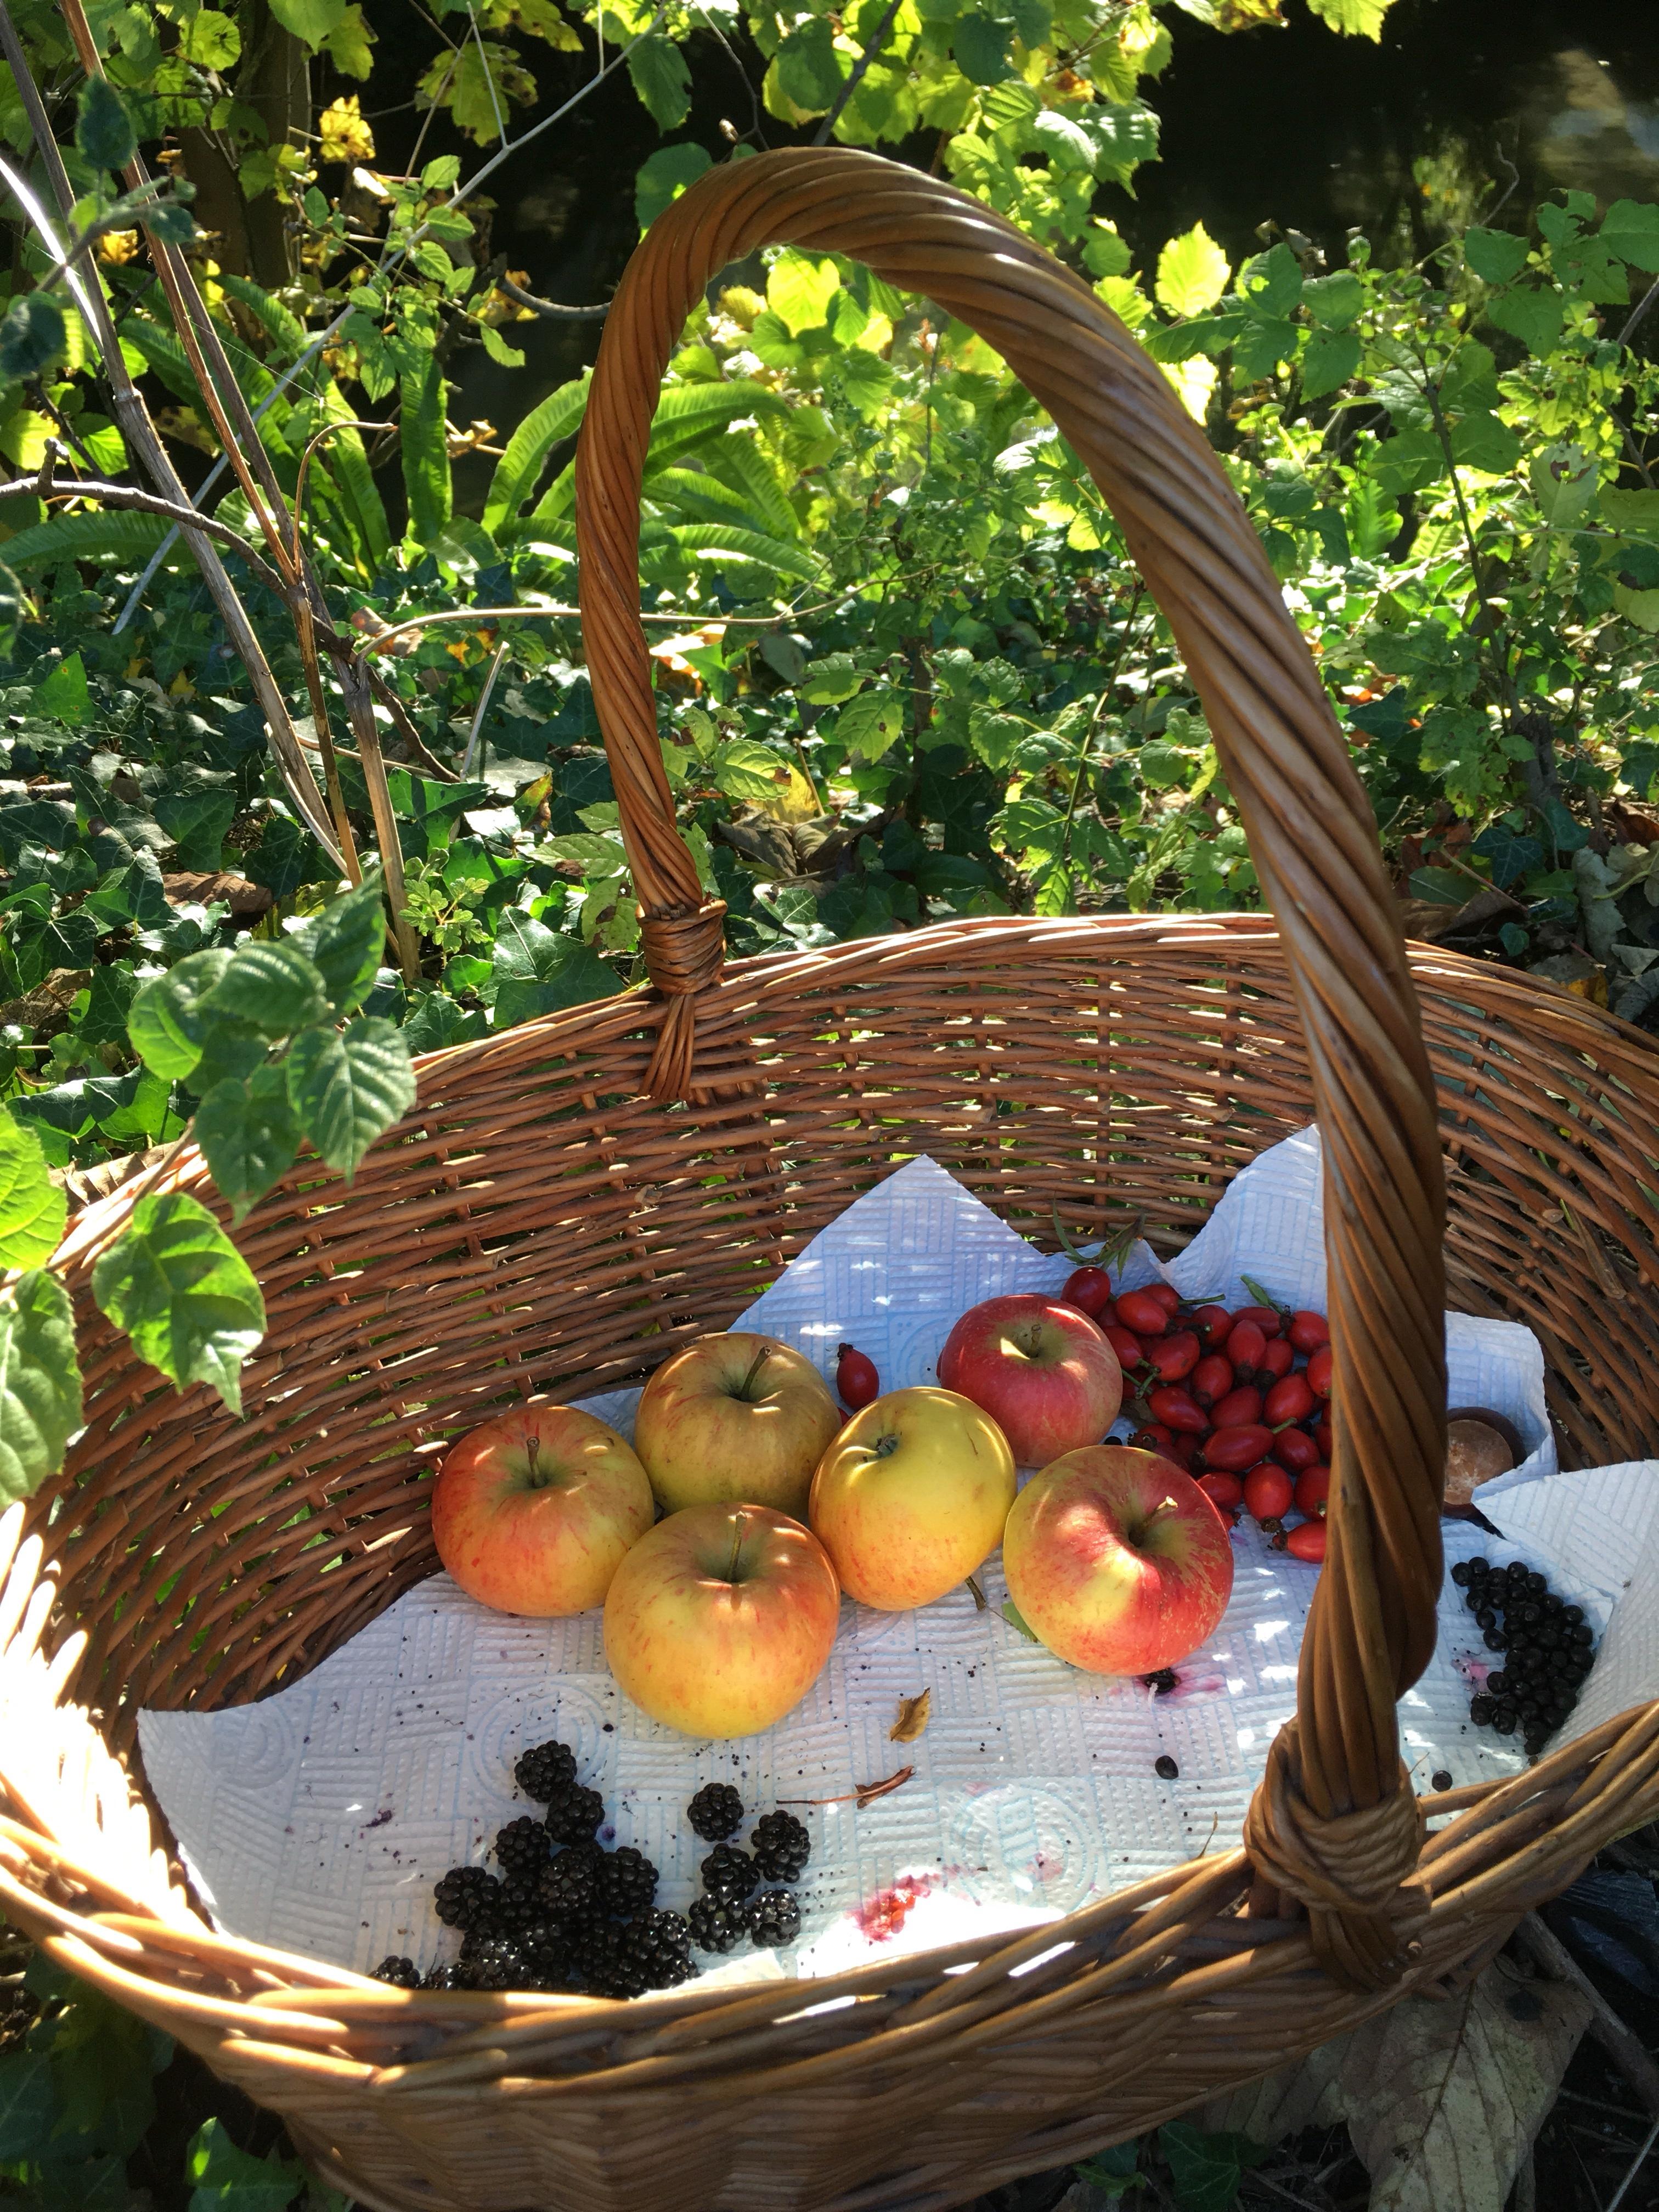 Foraging apples, blackberries, elderberries, rosehips